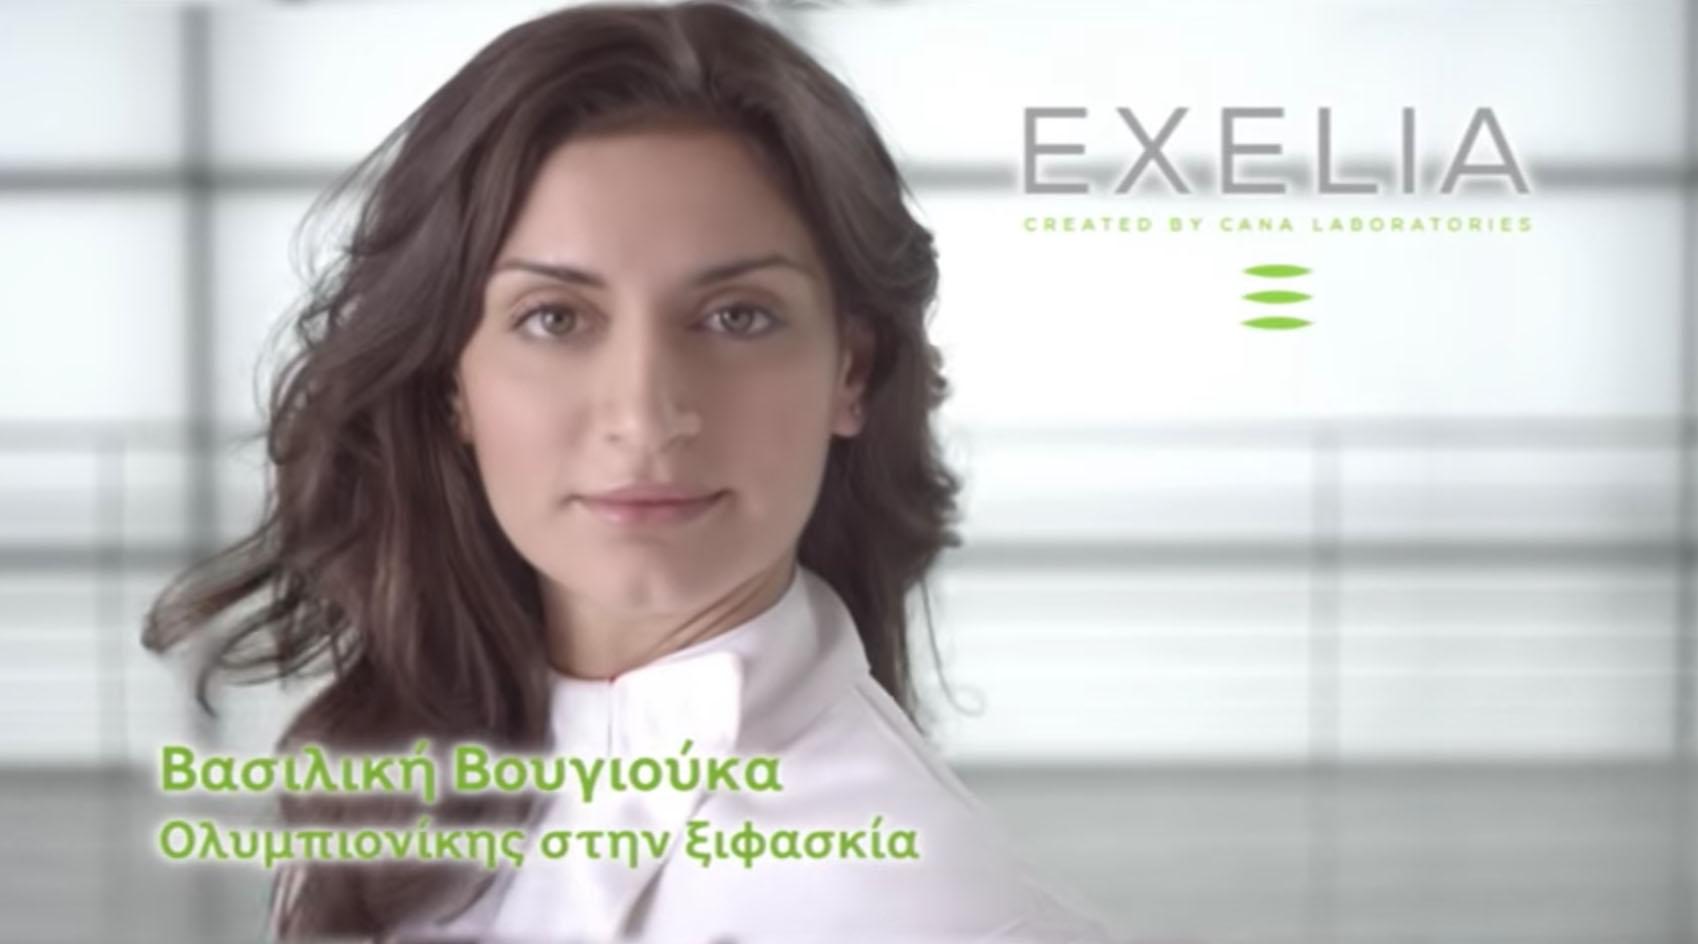 exelia-vougiouka